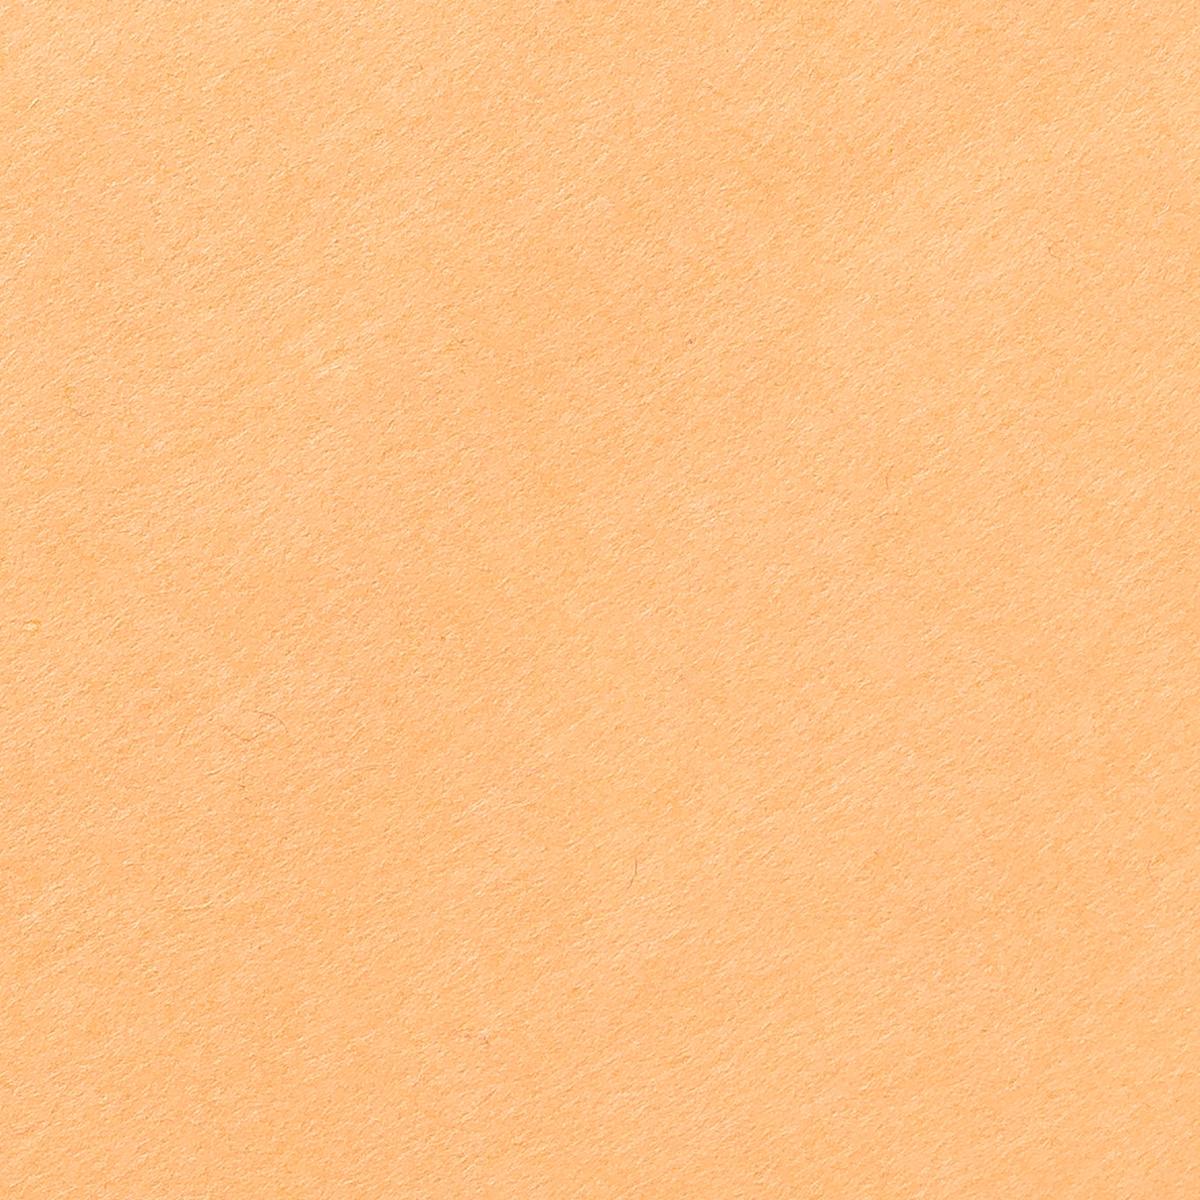 阿波 民芸紙 肌色